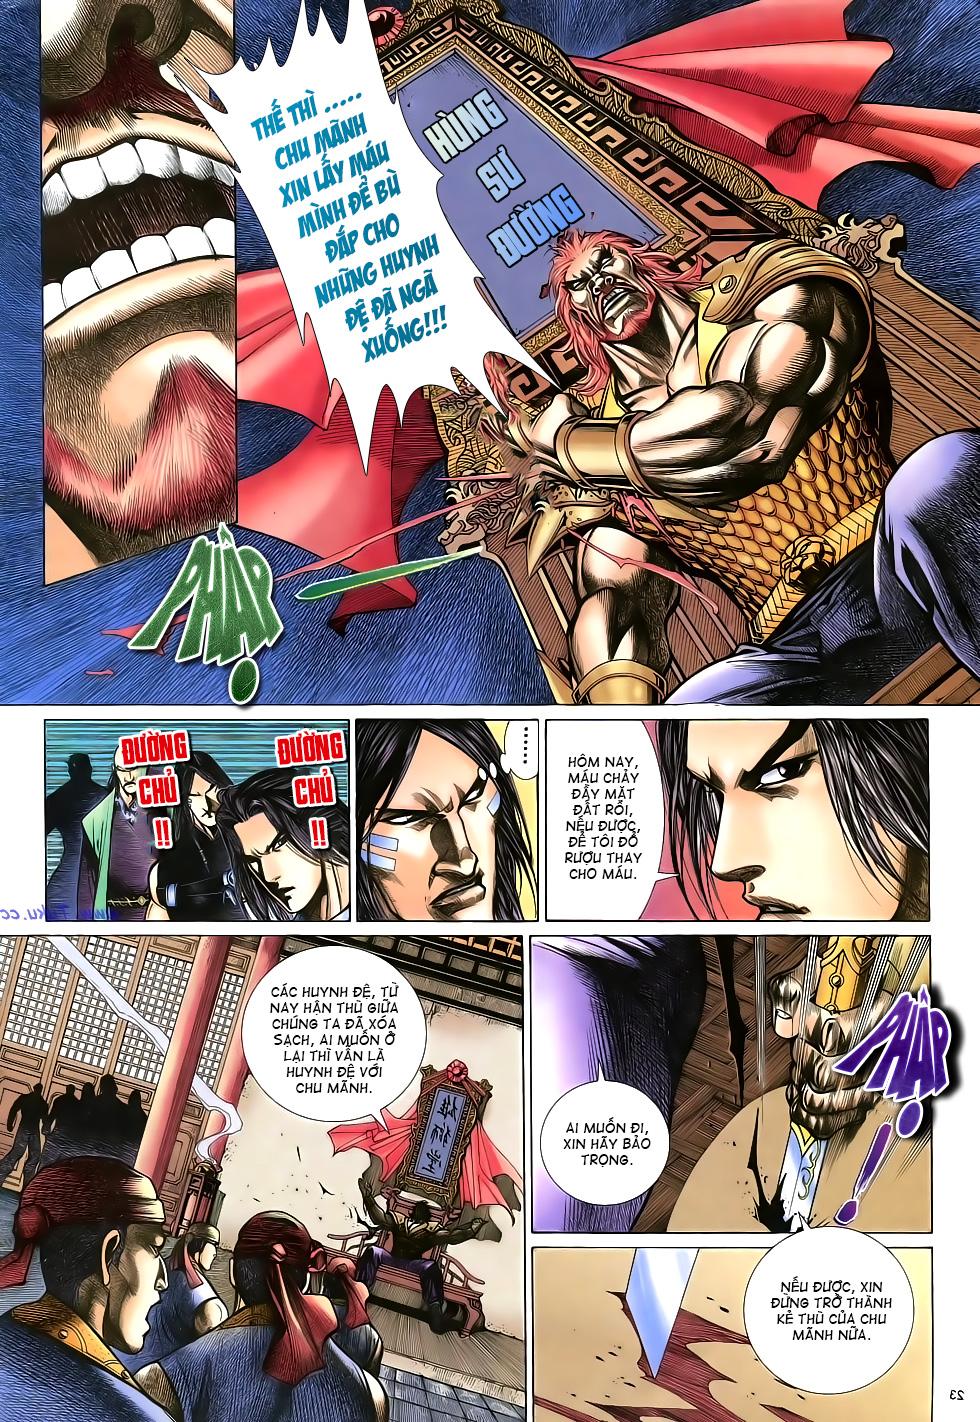 Anh hùng vô lệ Chap 16: Kiếm túy sư cuồng bất lưu đấu  trang 24